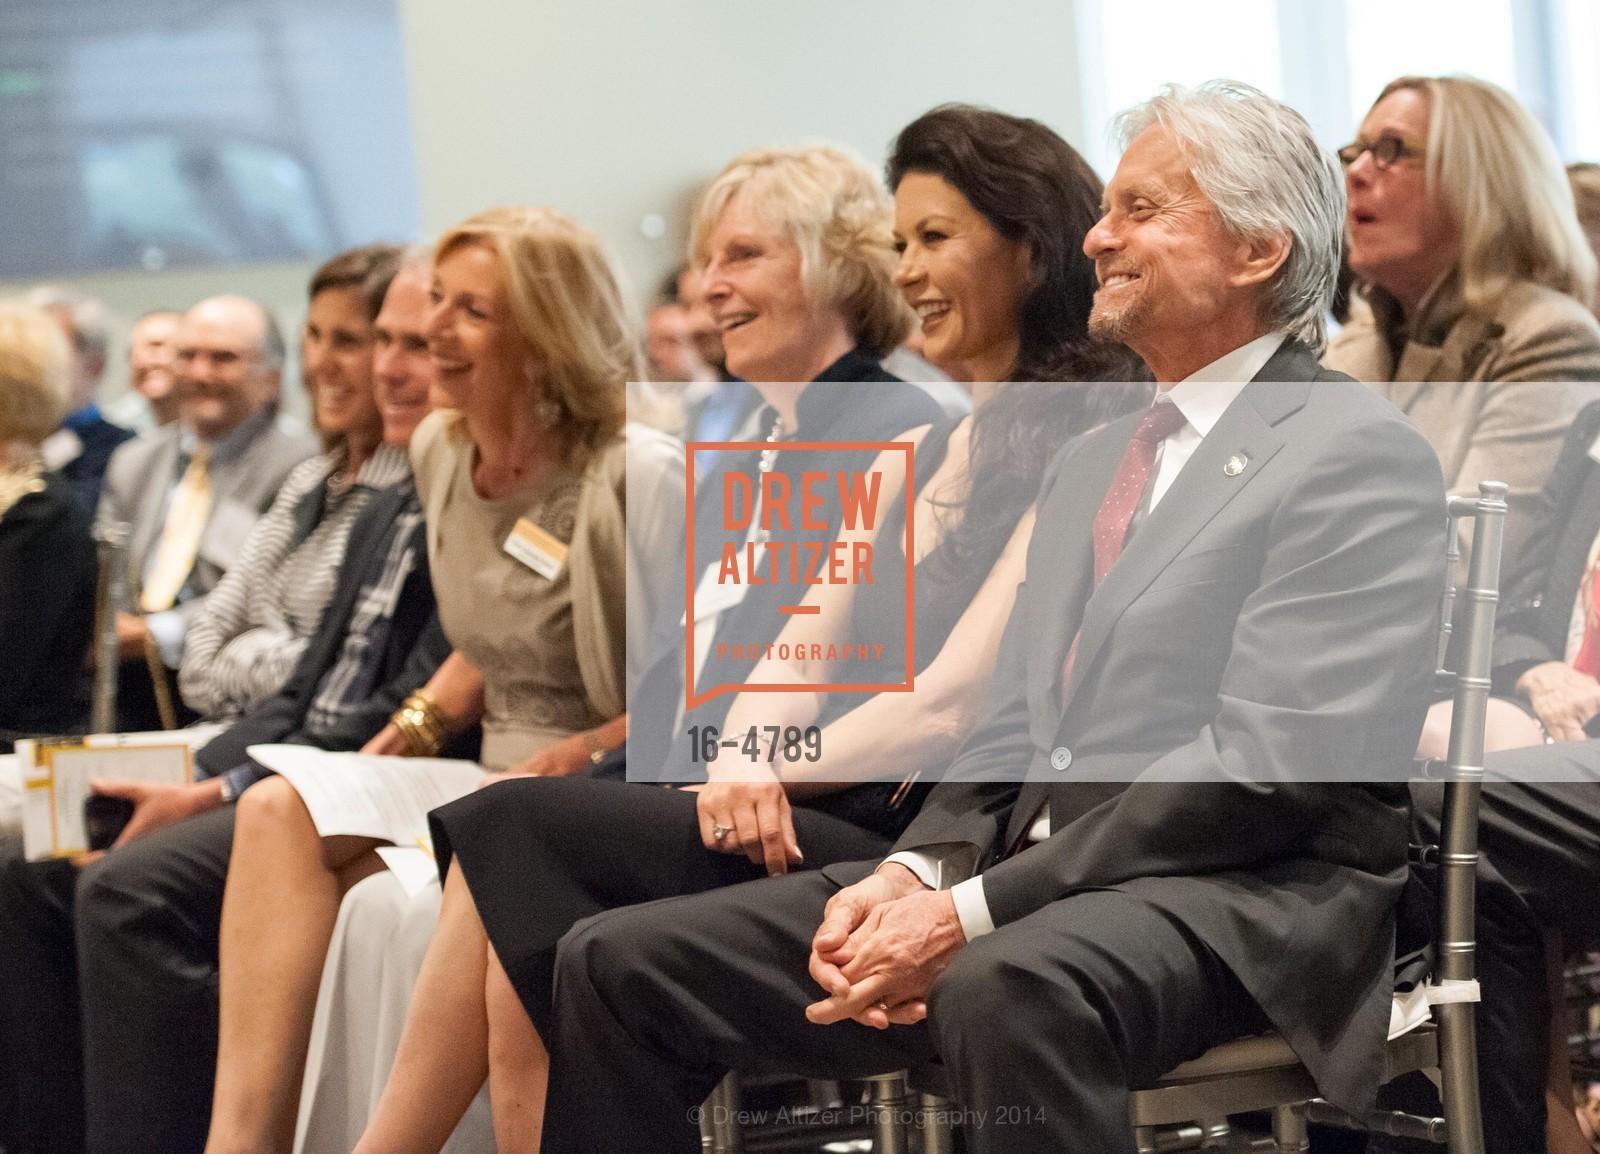 Catherine Zeta-Jones, Michael Douglas, Photo #16-4789